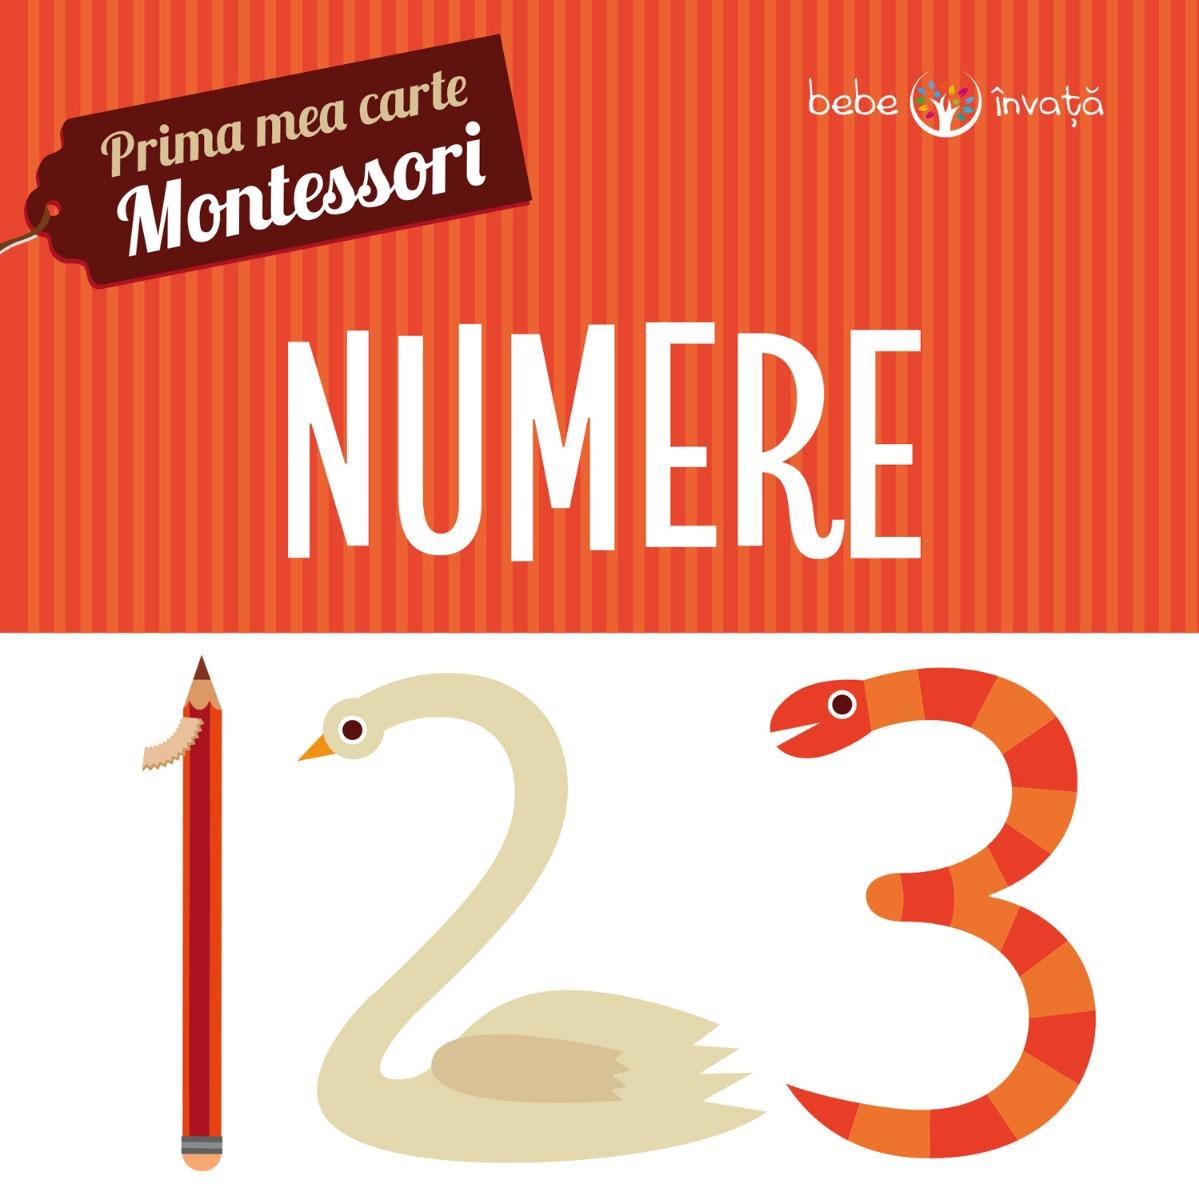 Prima mea carte Montessori - Numere